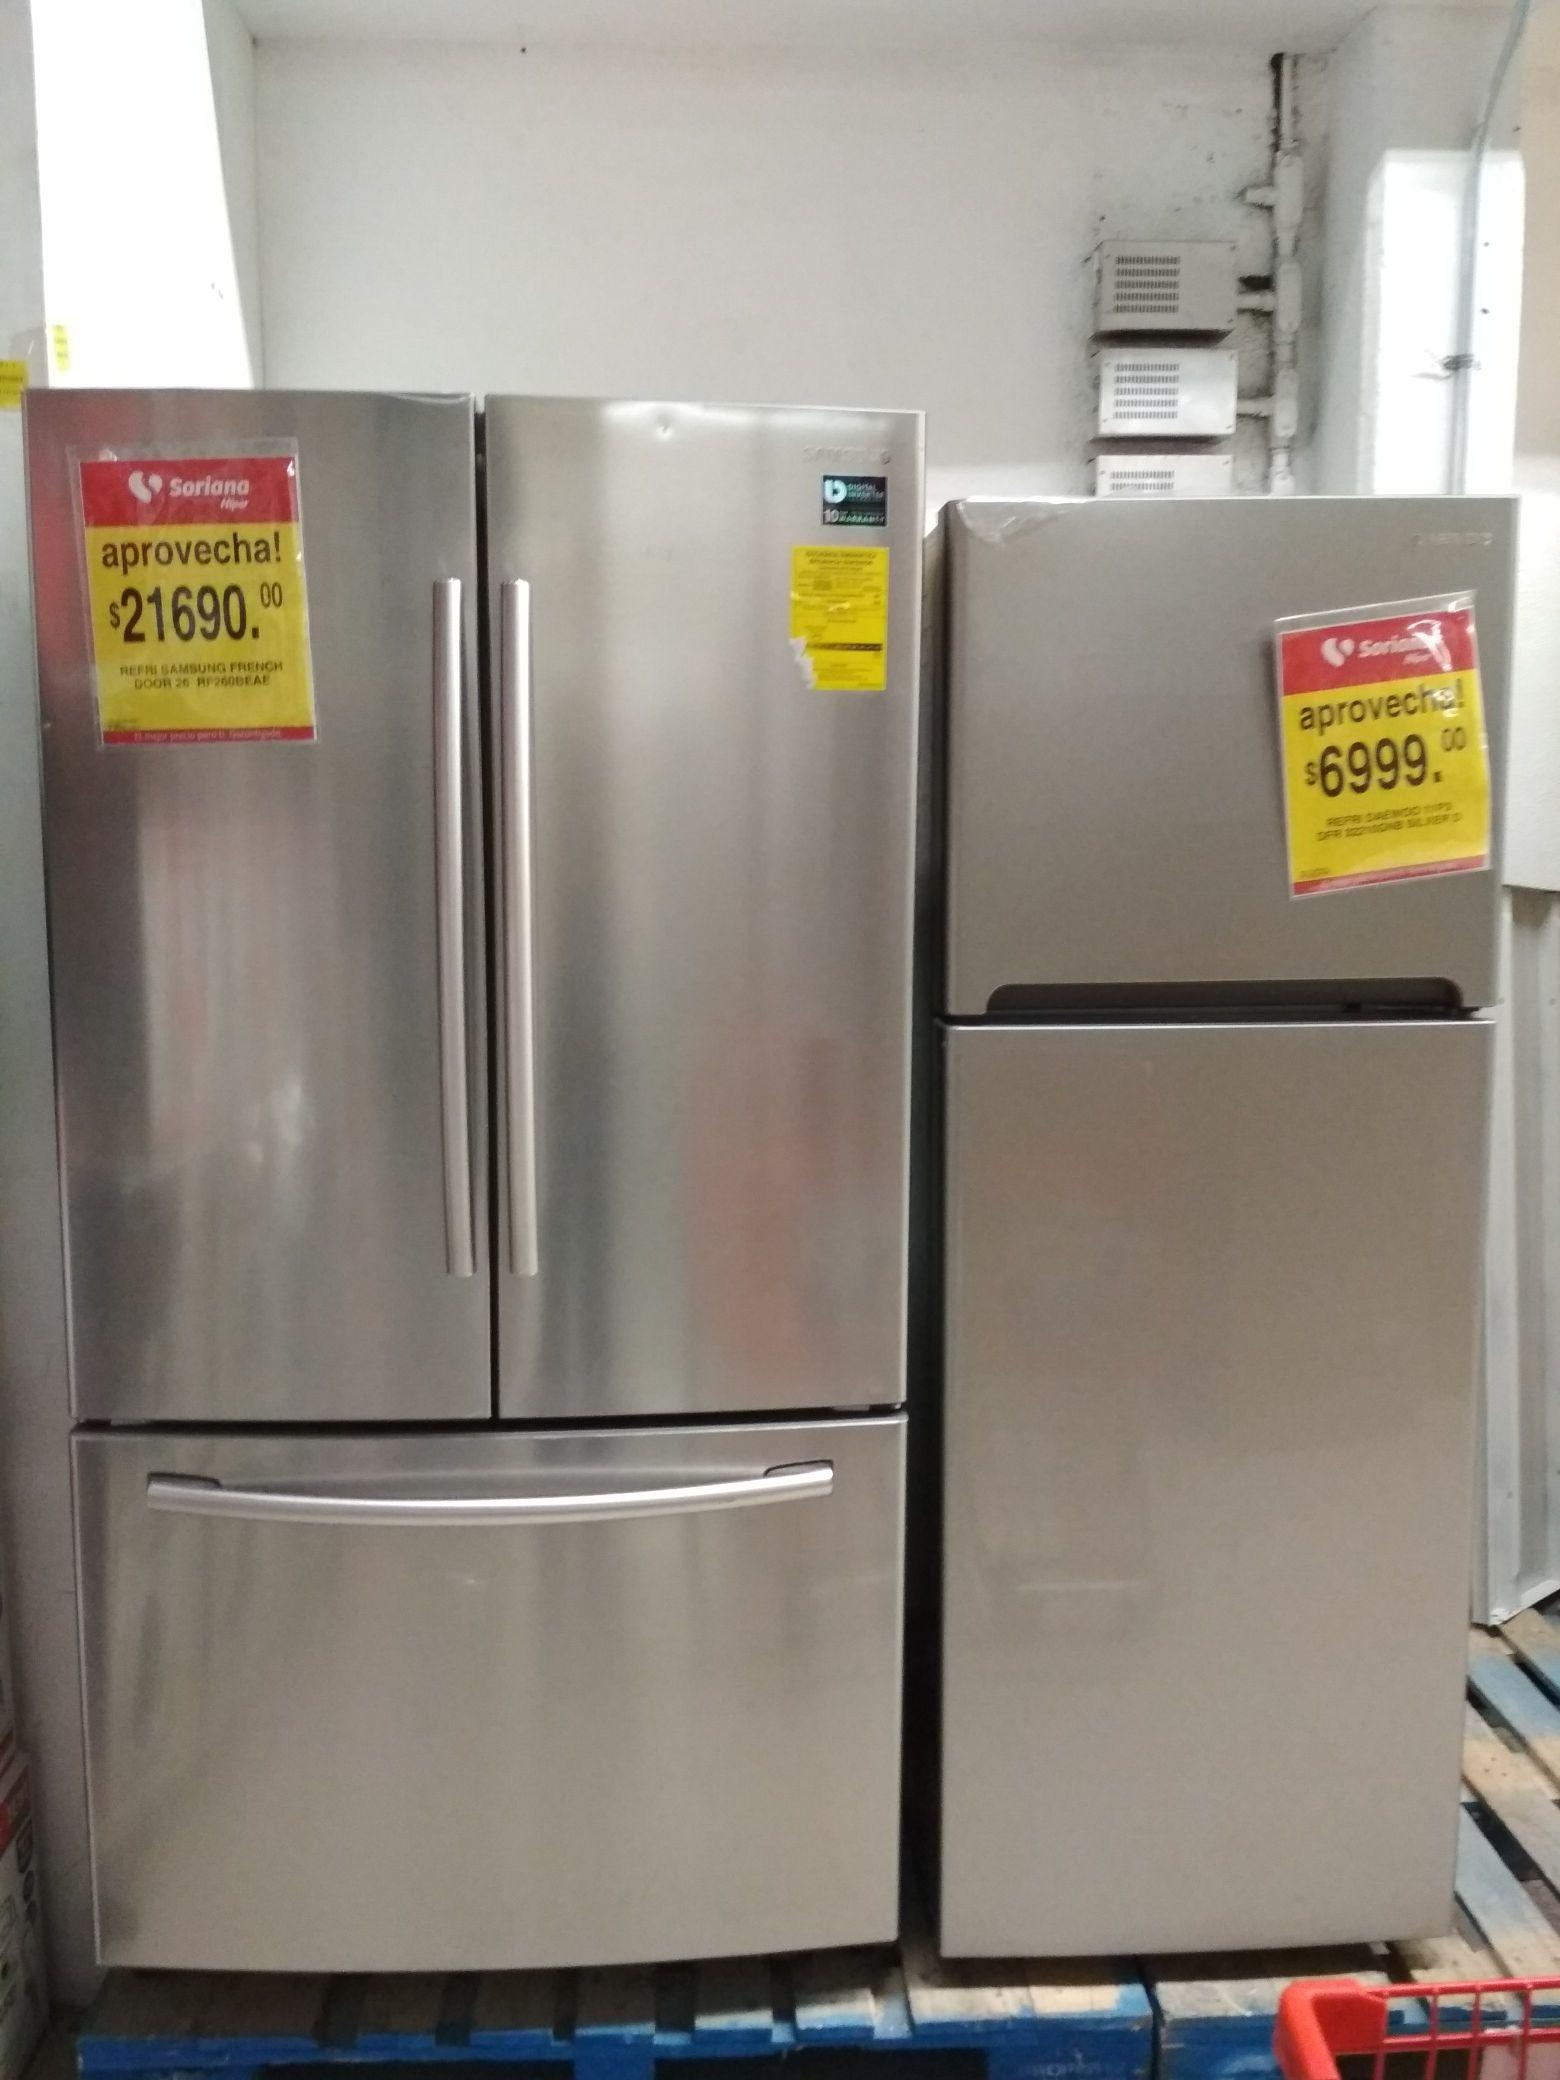 Soriana Hiper: Refrigerador French Door Samsung 70% de descuento